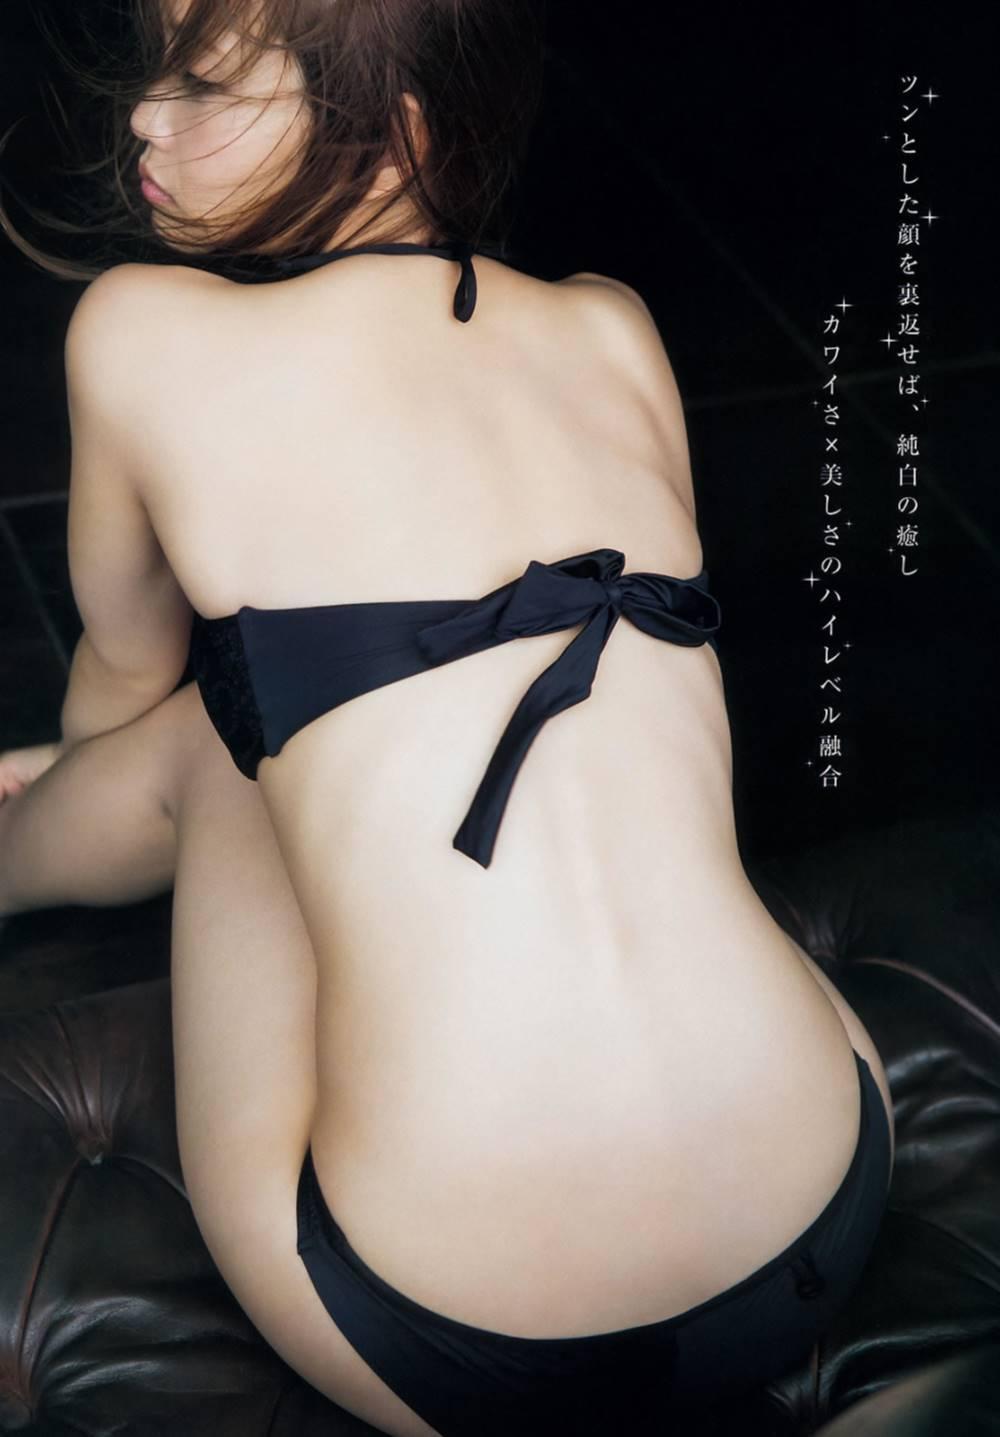 永尾まりや(AKB48)画像 64